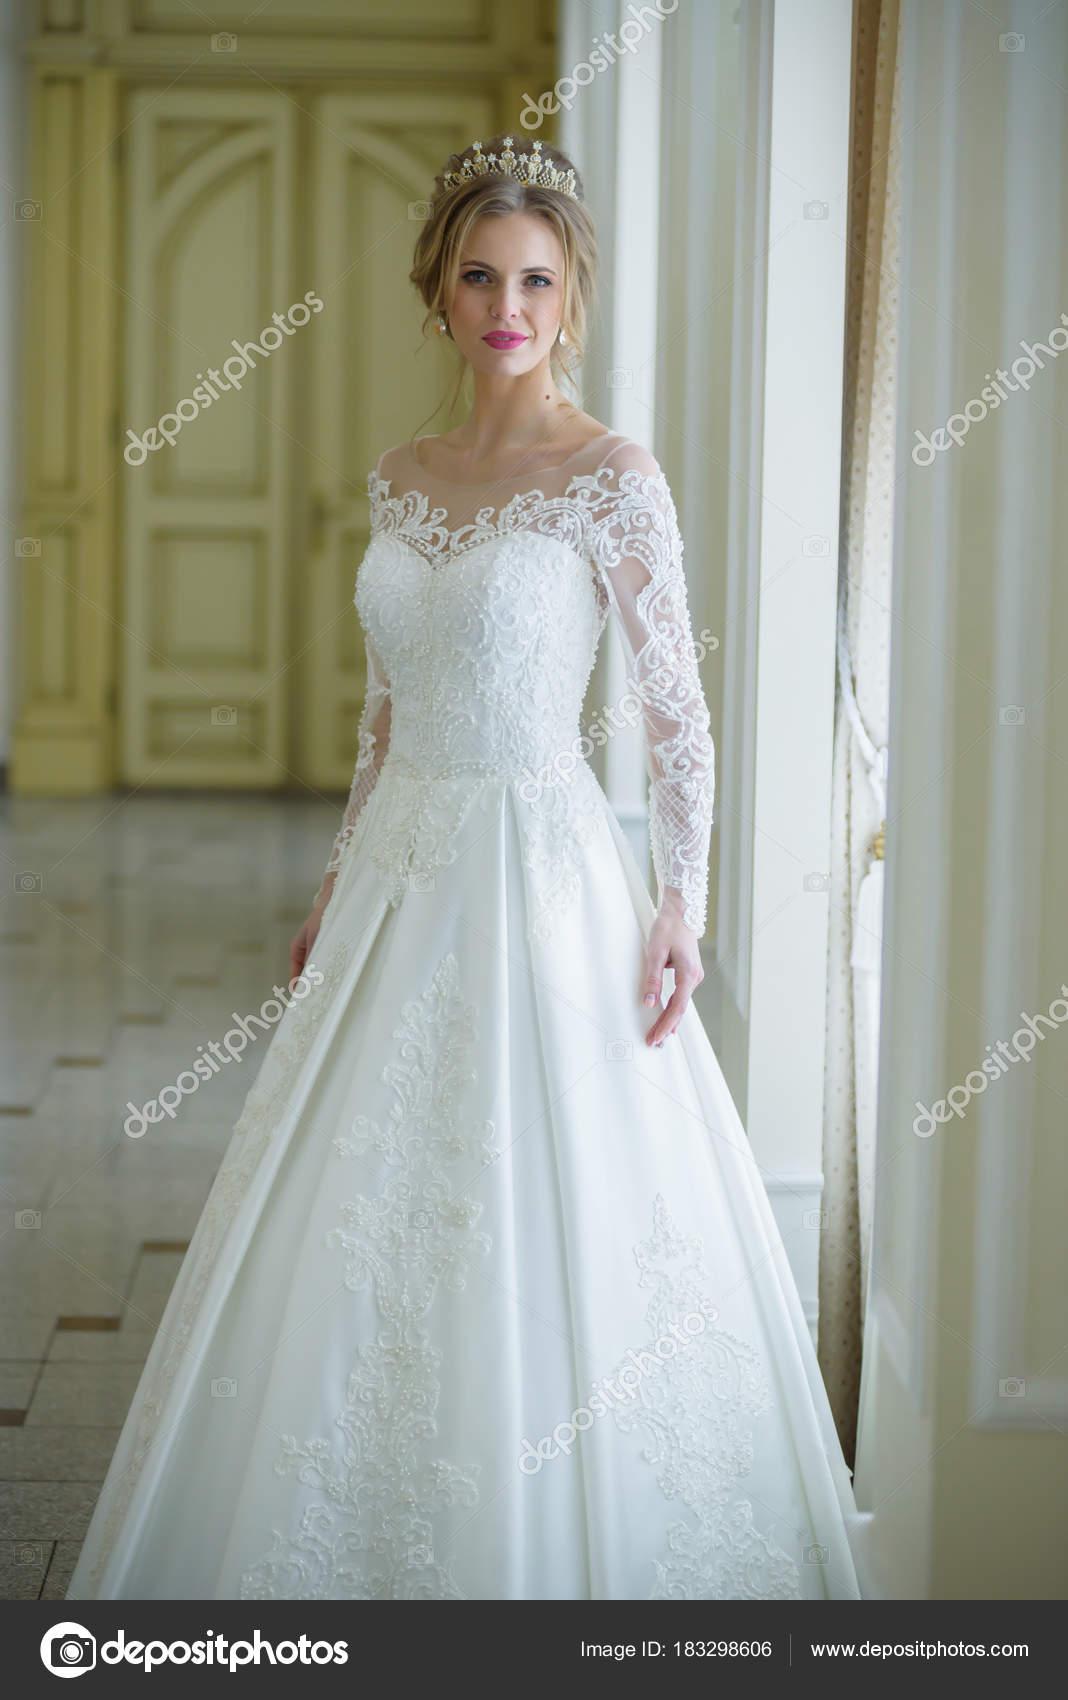 ed85df93dd5 Belle Mariée Dans Intérieur Robe Blanche Mariage– images de stock libres de  droits